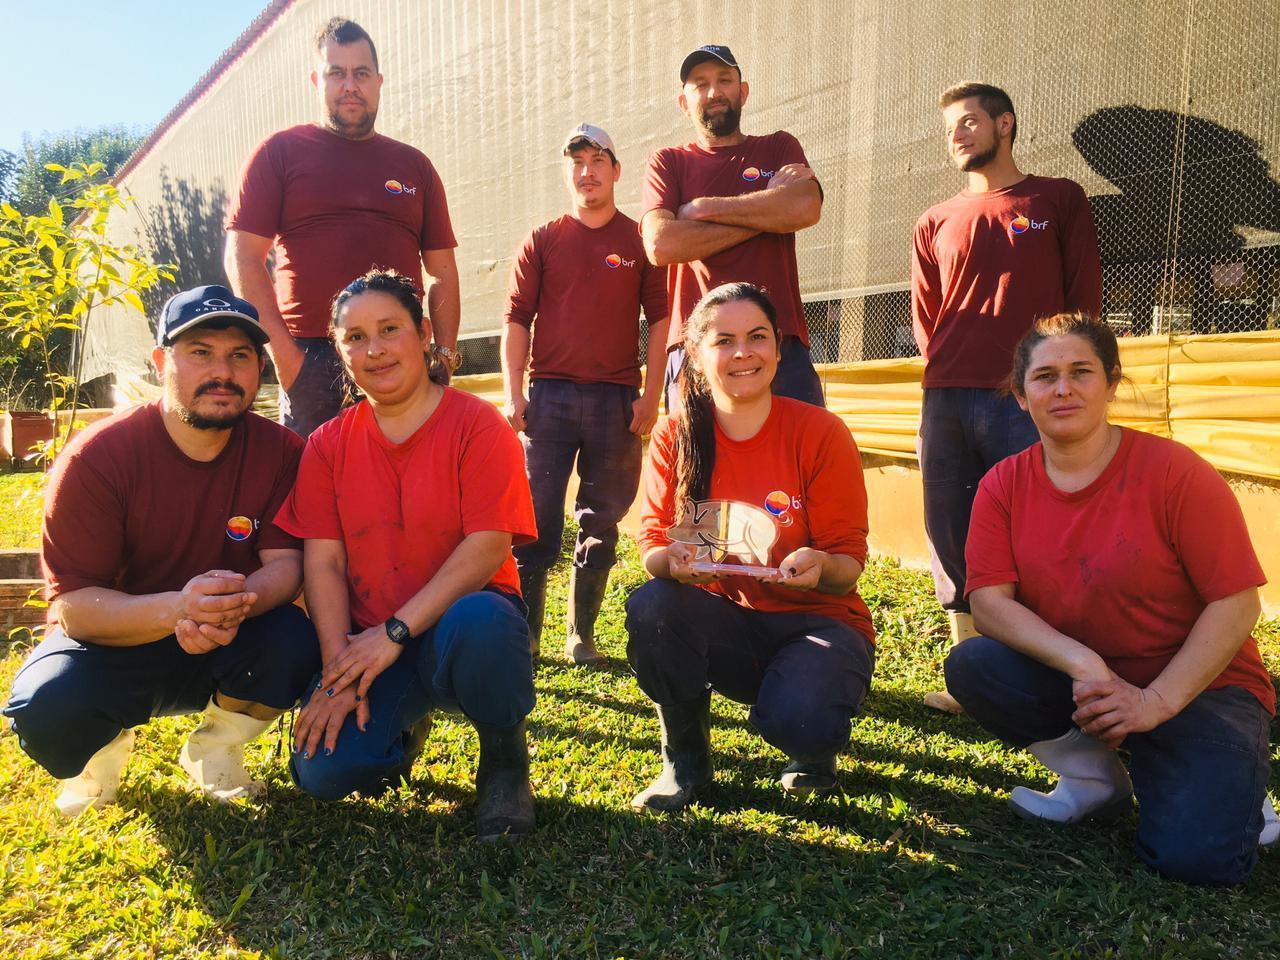 Região da Cantu tem destaque de suinocultores da BRF. Prêmio integrou mais de 100 produtores, inclusive da região oeste do Paraná.